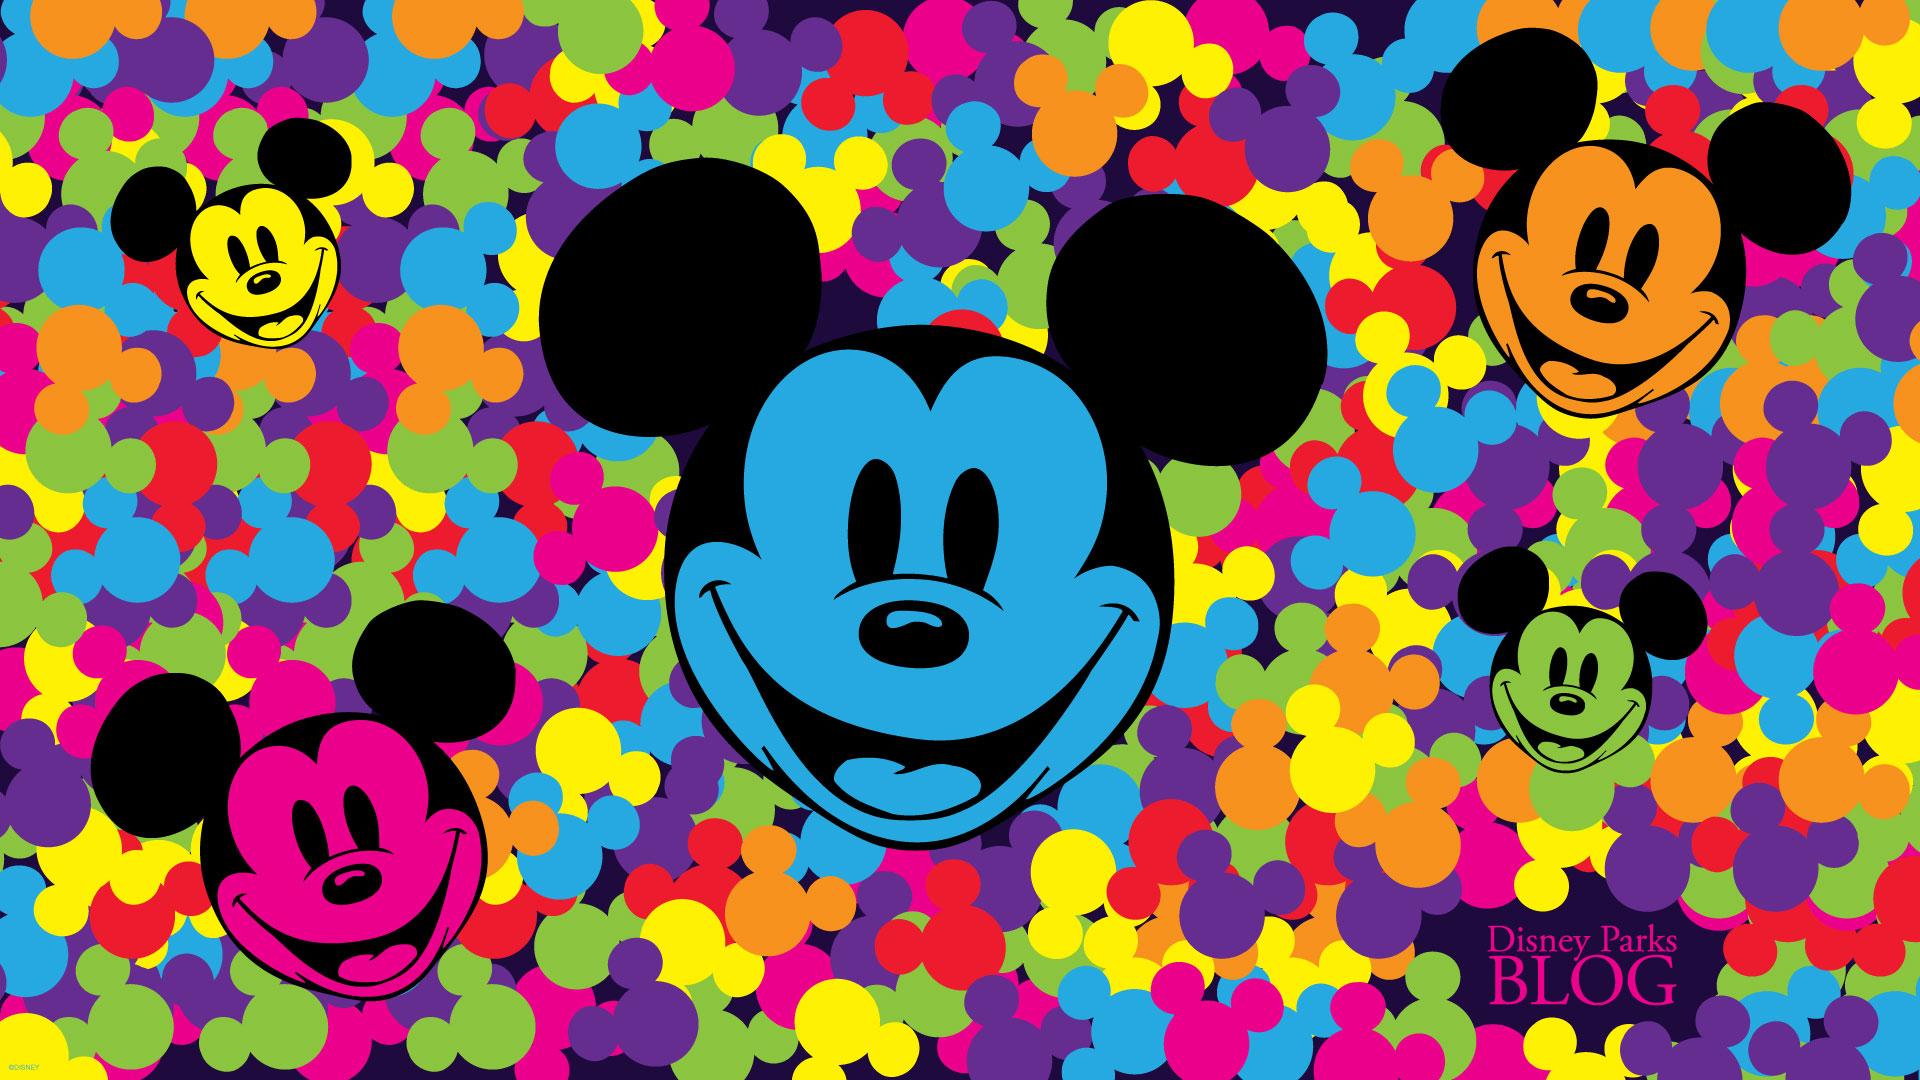 Disney Parks Blog Desktop Wallpaper - WallpaperSafari